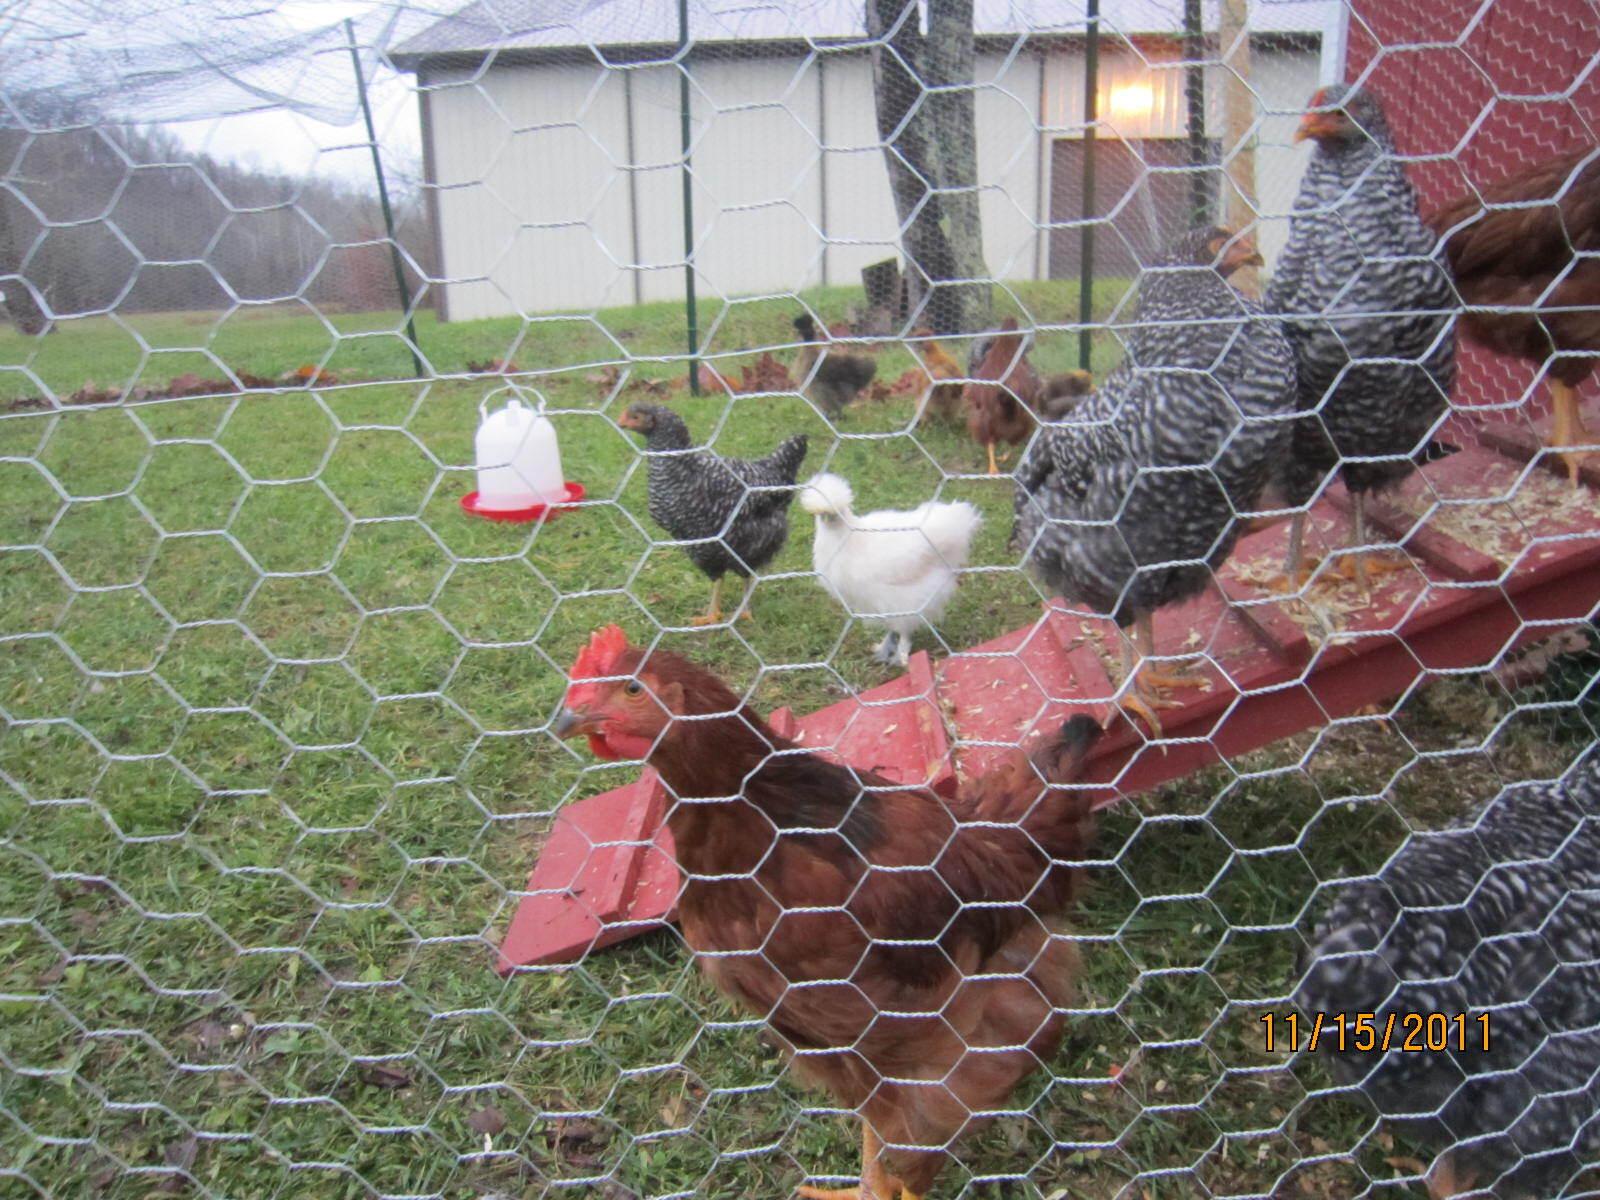 http://www.backyardchickens.com/forum/uploads/104559_img_0703.jpg